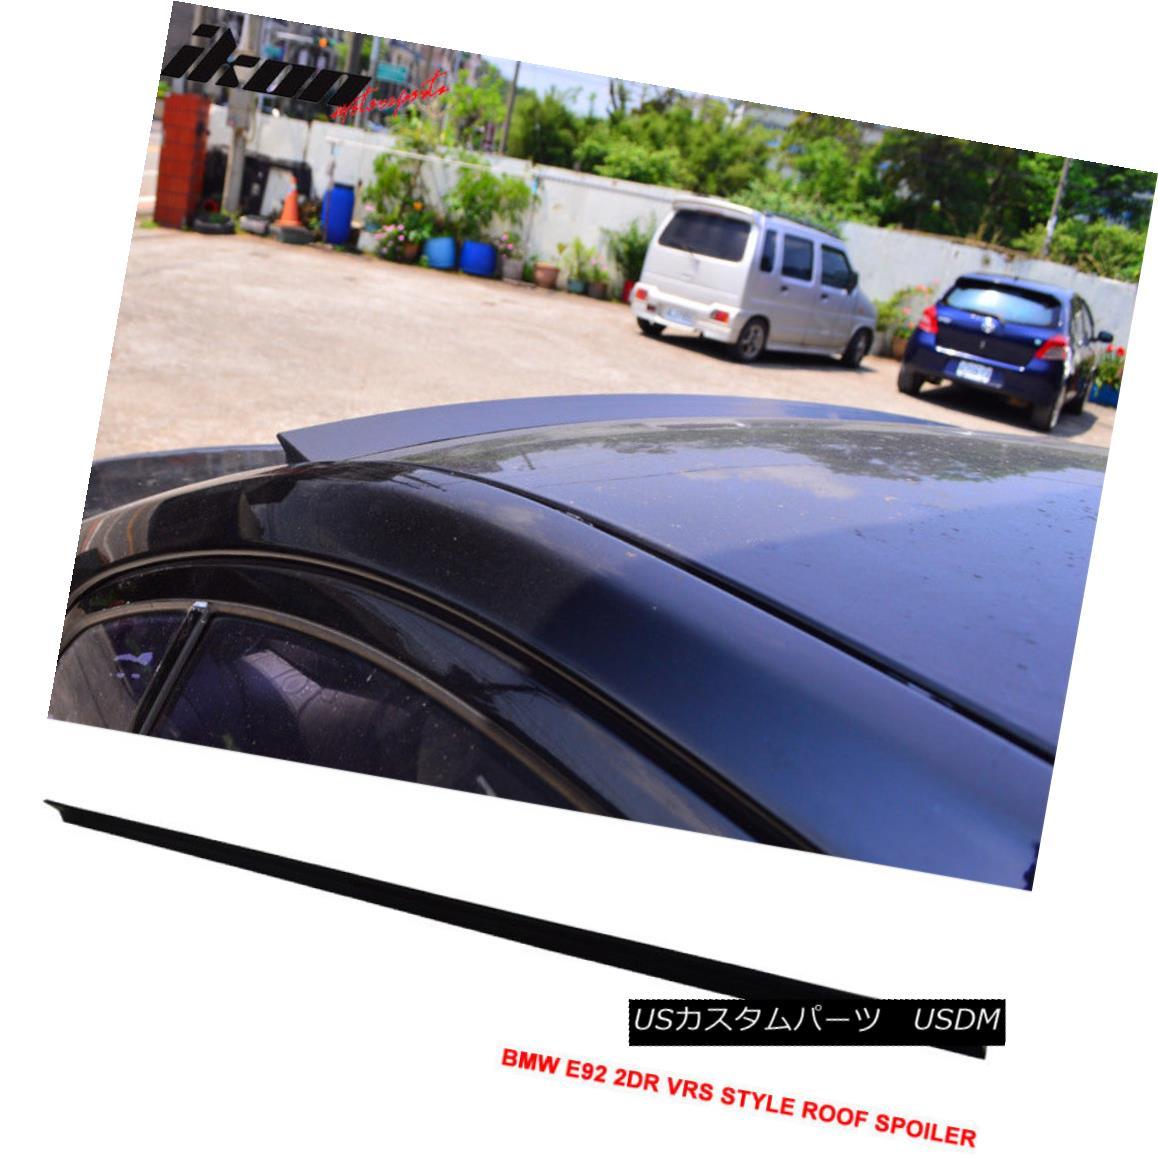 エアロパーツ 07-13 BMW E92 2Dr VRS Style Roof Spoiler Unpainted Black - PUF 07-13 BMW E92 2Dr VRSスタイルルーフスポイラー無塗装黒 - PUF